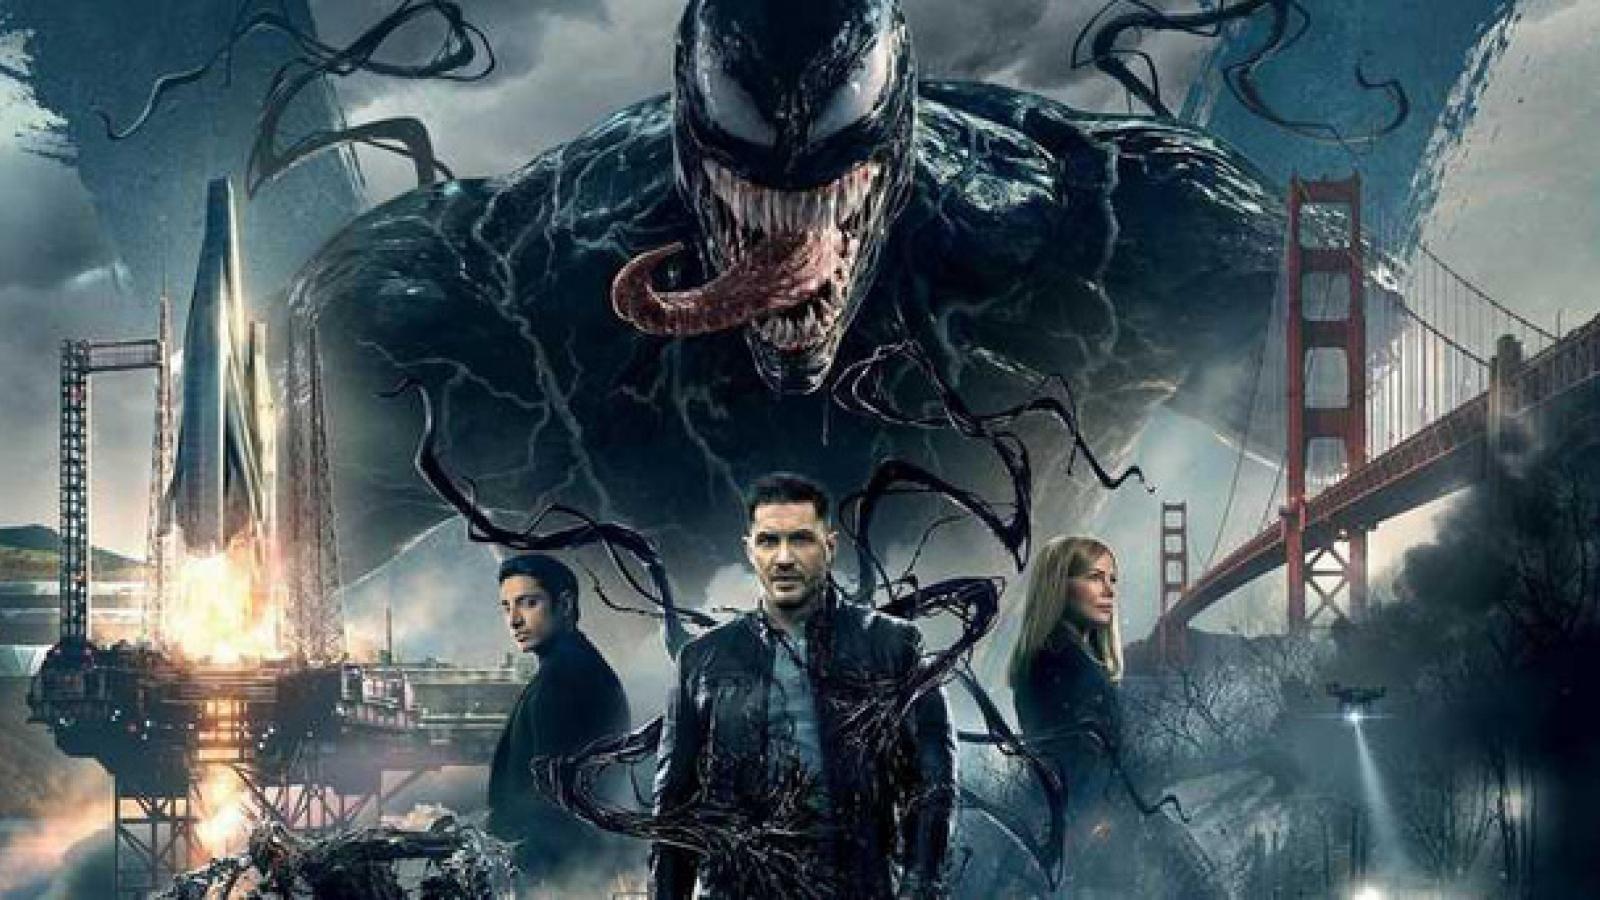 """""""Venom 2"""" tung trailer mãn nhãn, hứa hẹn trận chiến khốc liệt giữa Venom và Carnage"""